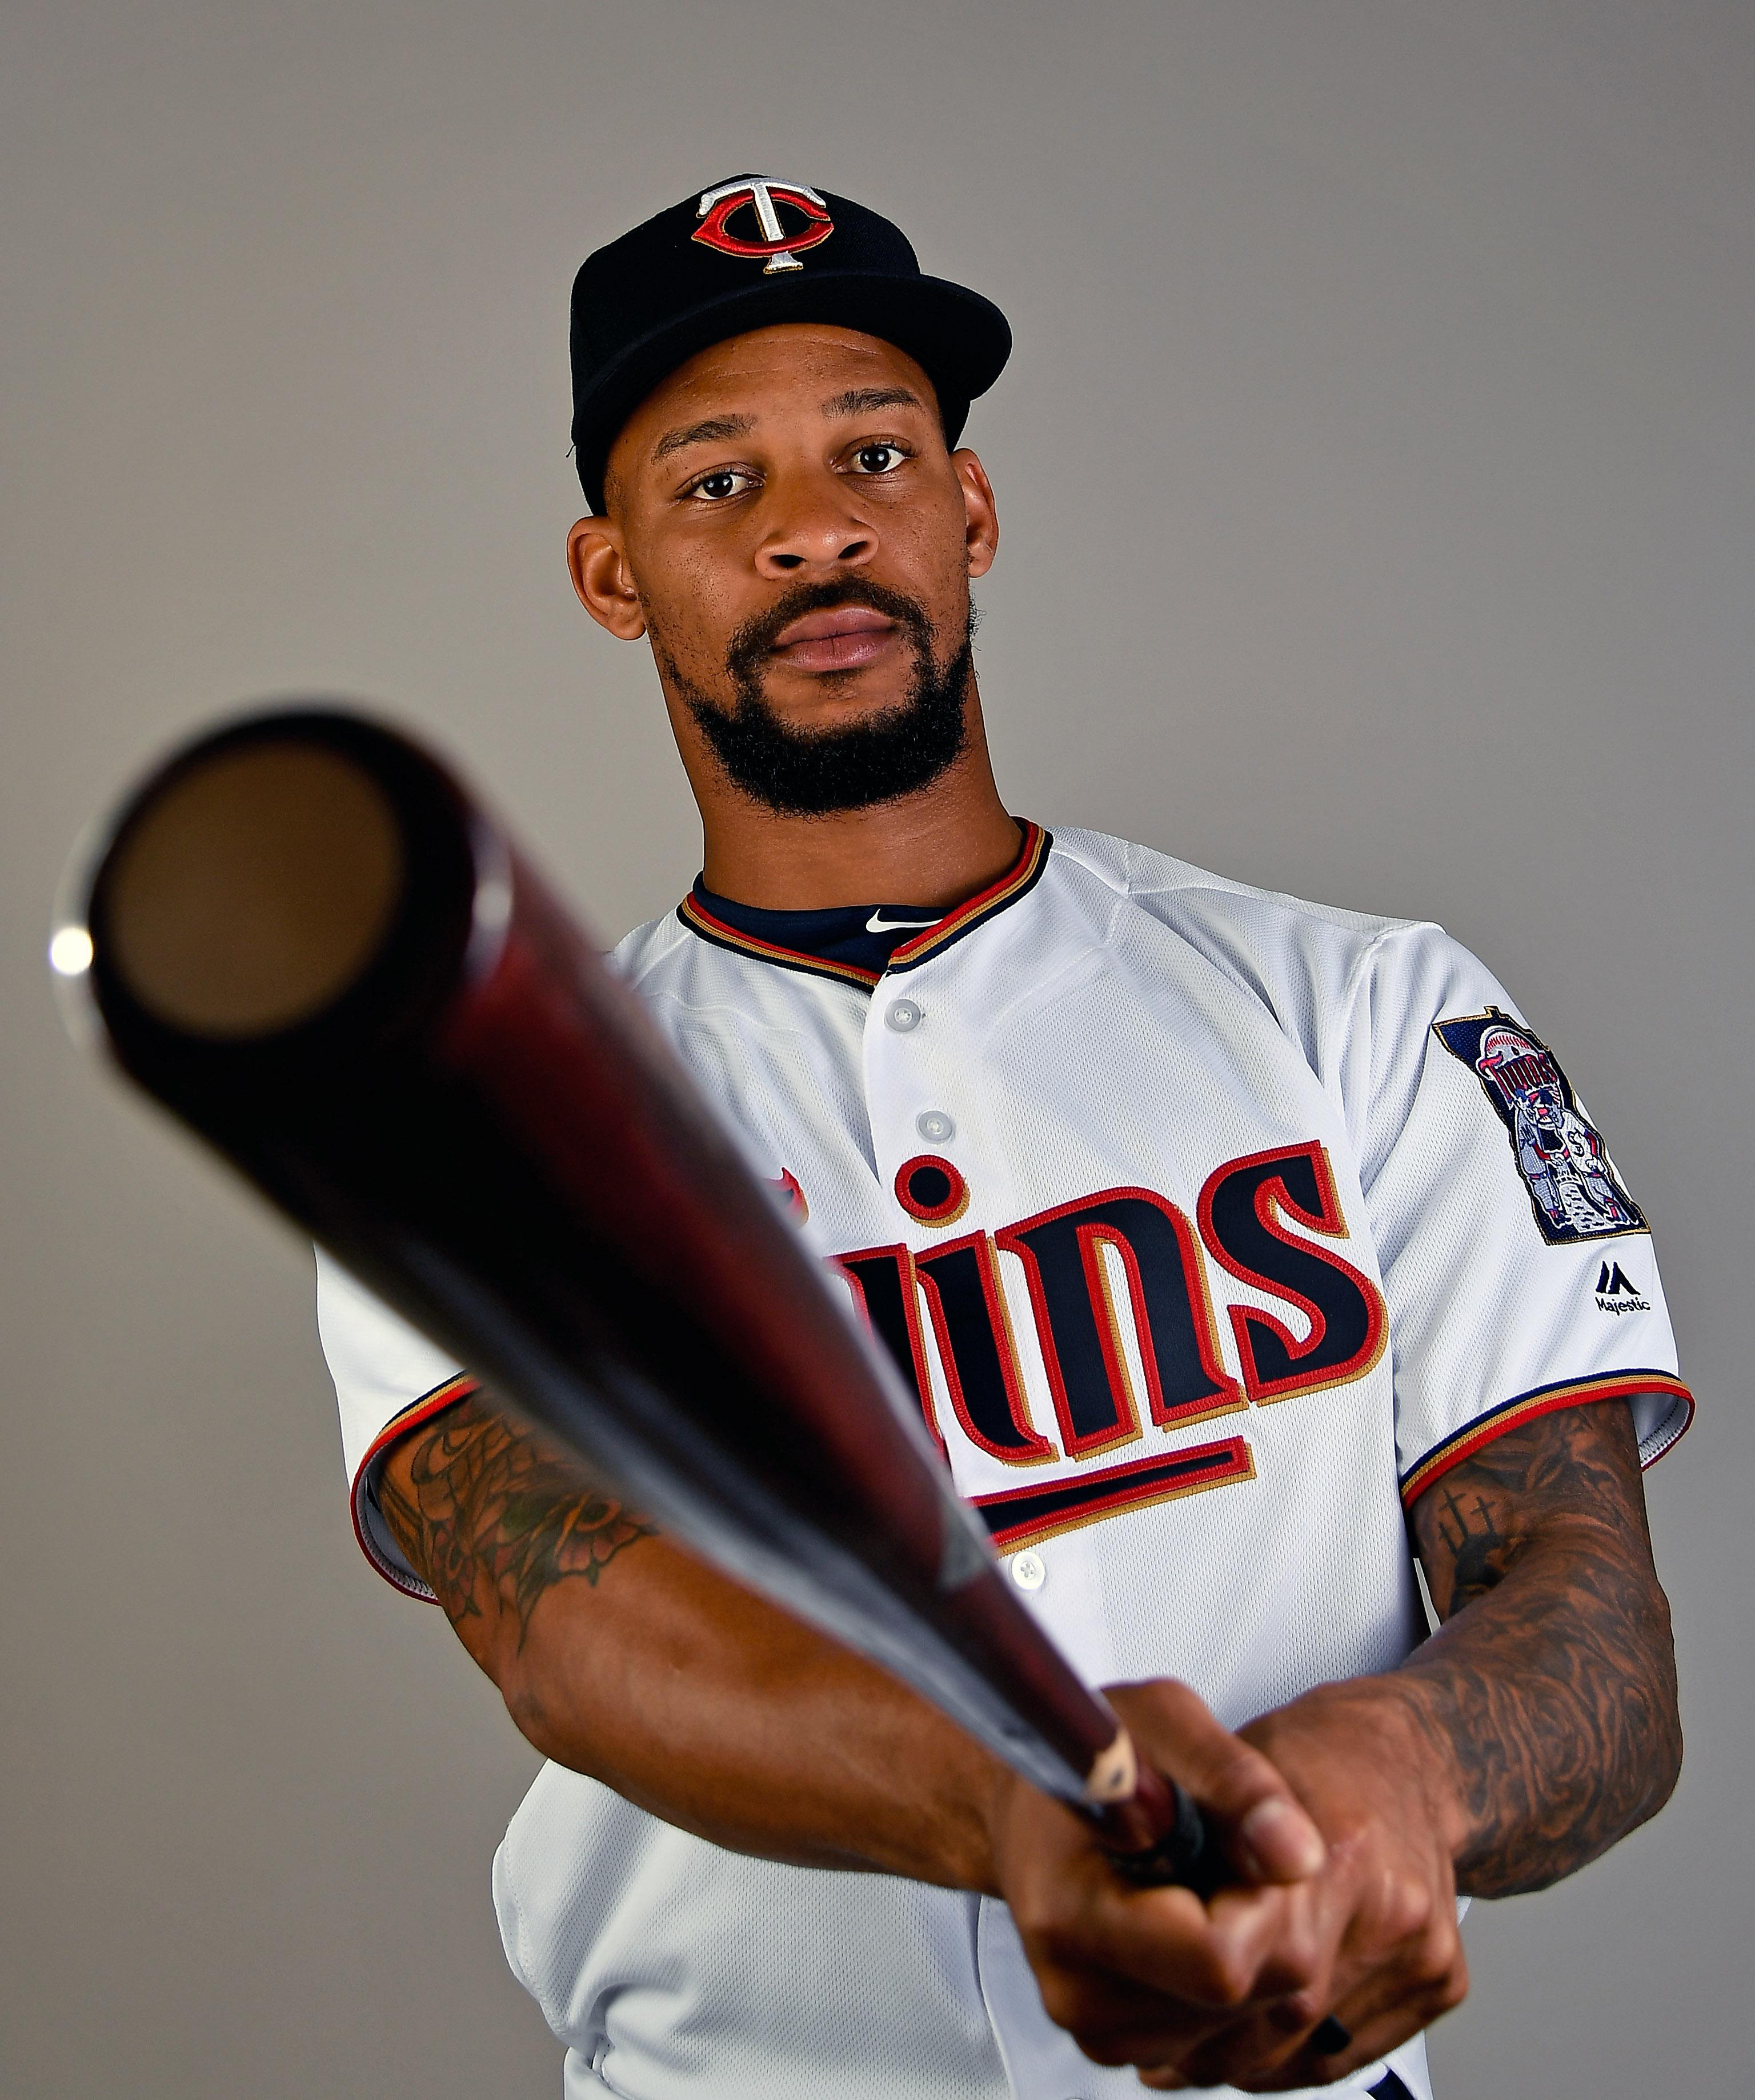 MLB: Minnesota Twins-Media Day